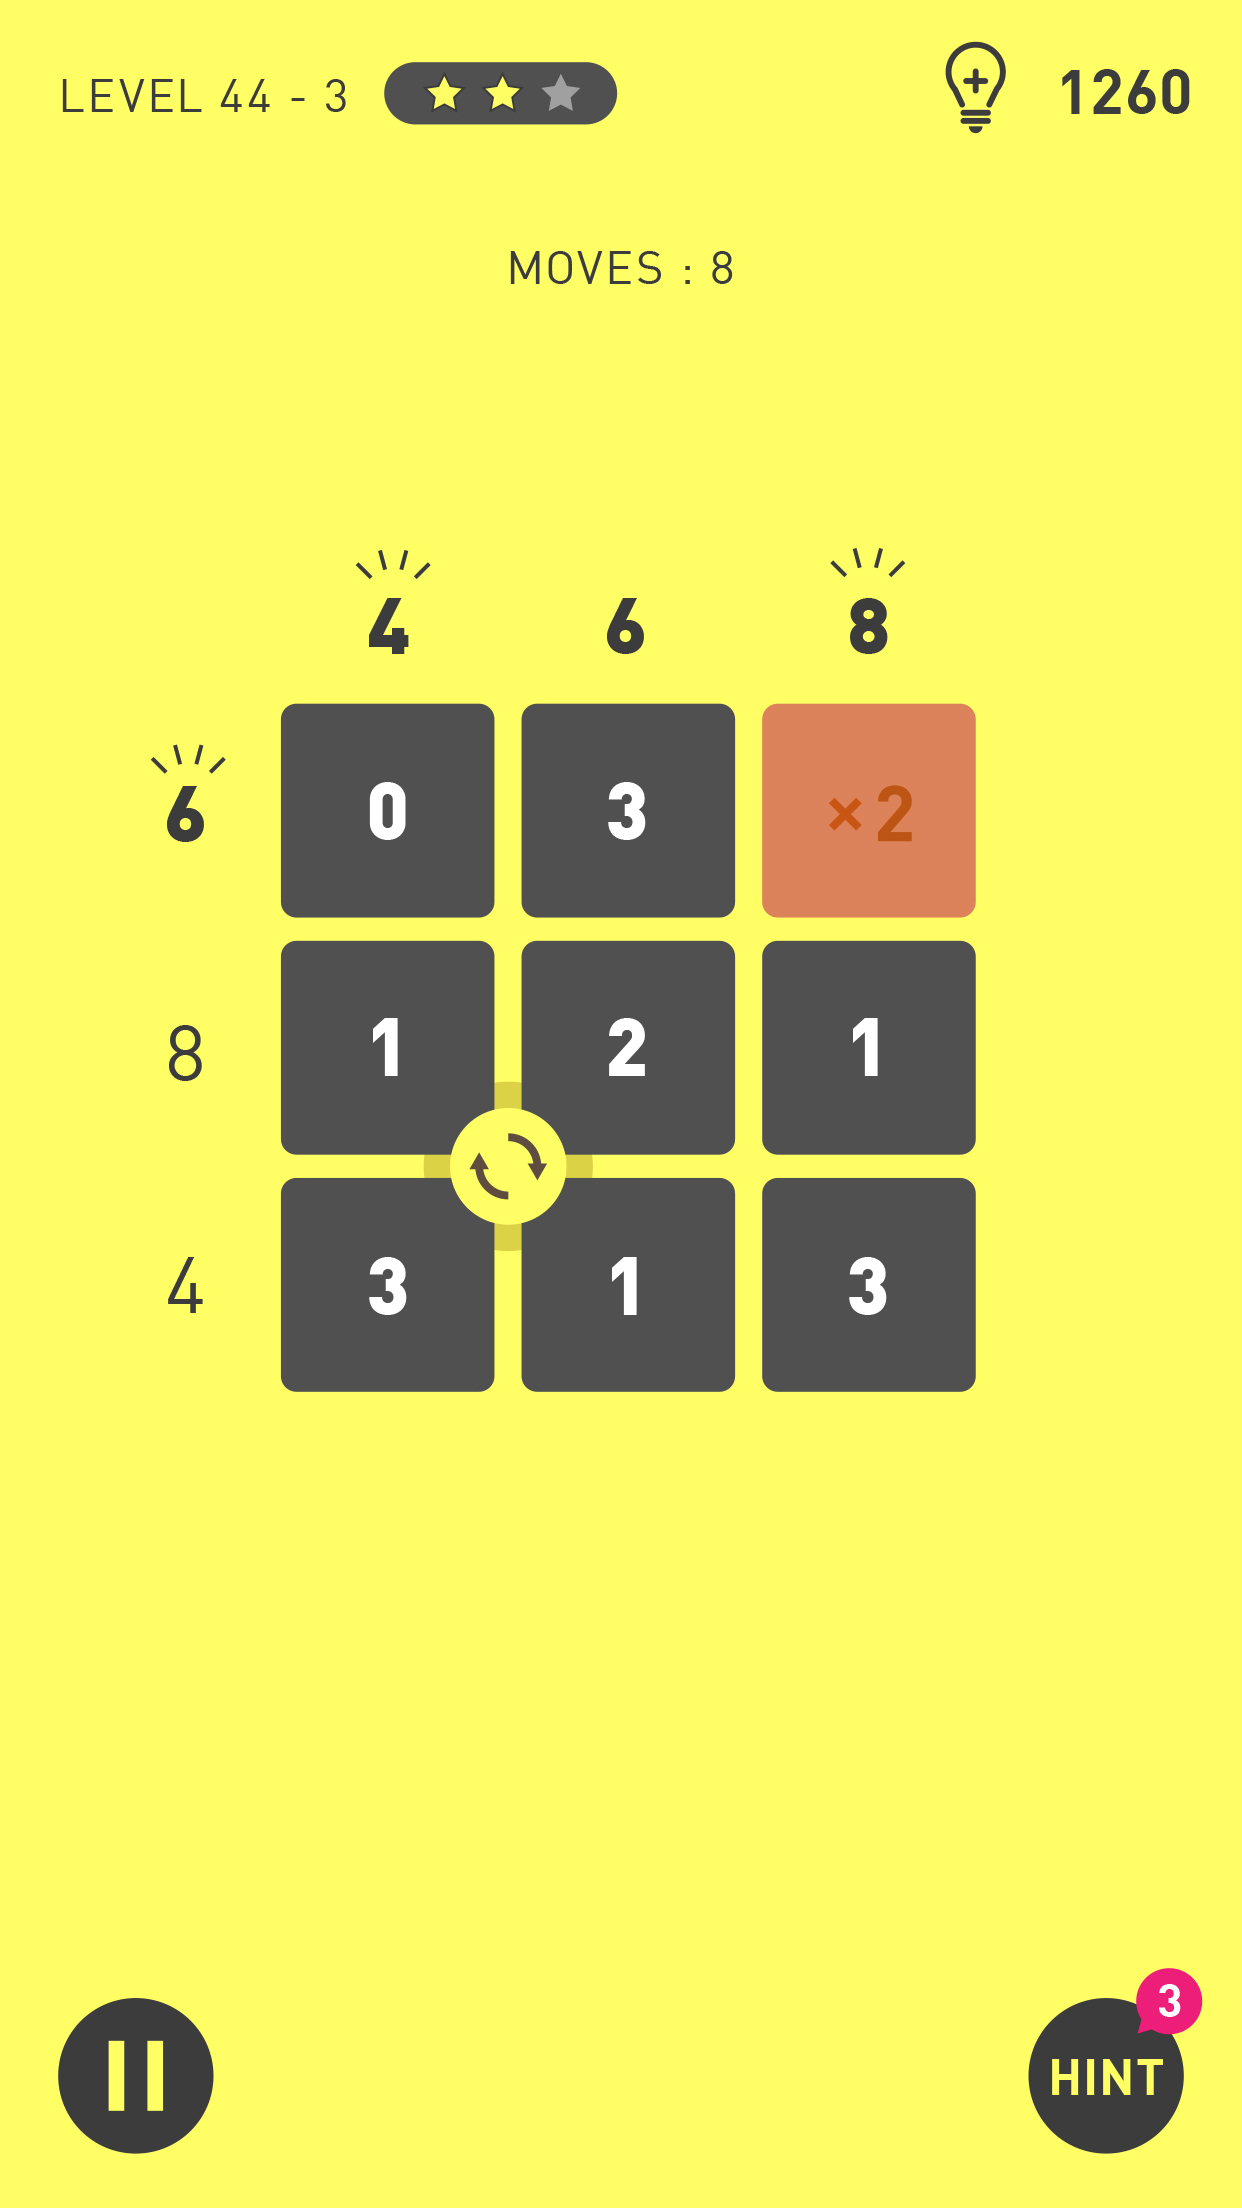 來做簡單有趣的數學吧! (圖片:美國商業資訊)